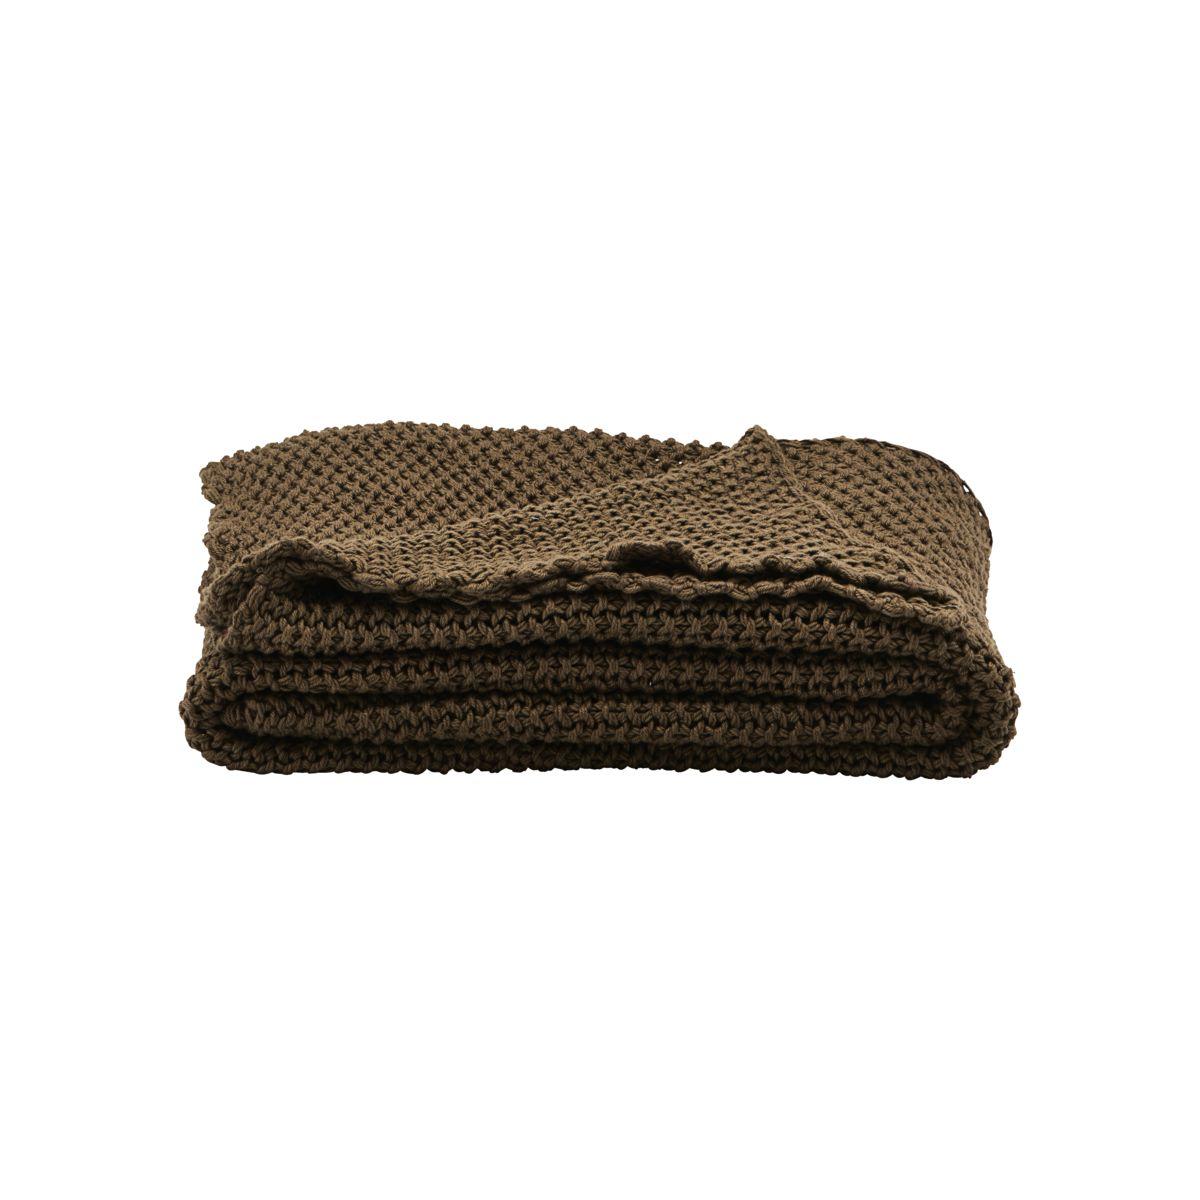 house doctor House doctor solid tæppe - hennagrønt bomuld (170x130) fra boboonline.dk